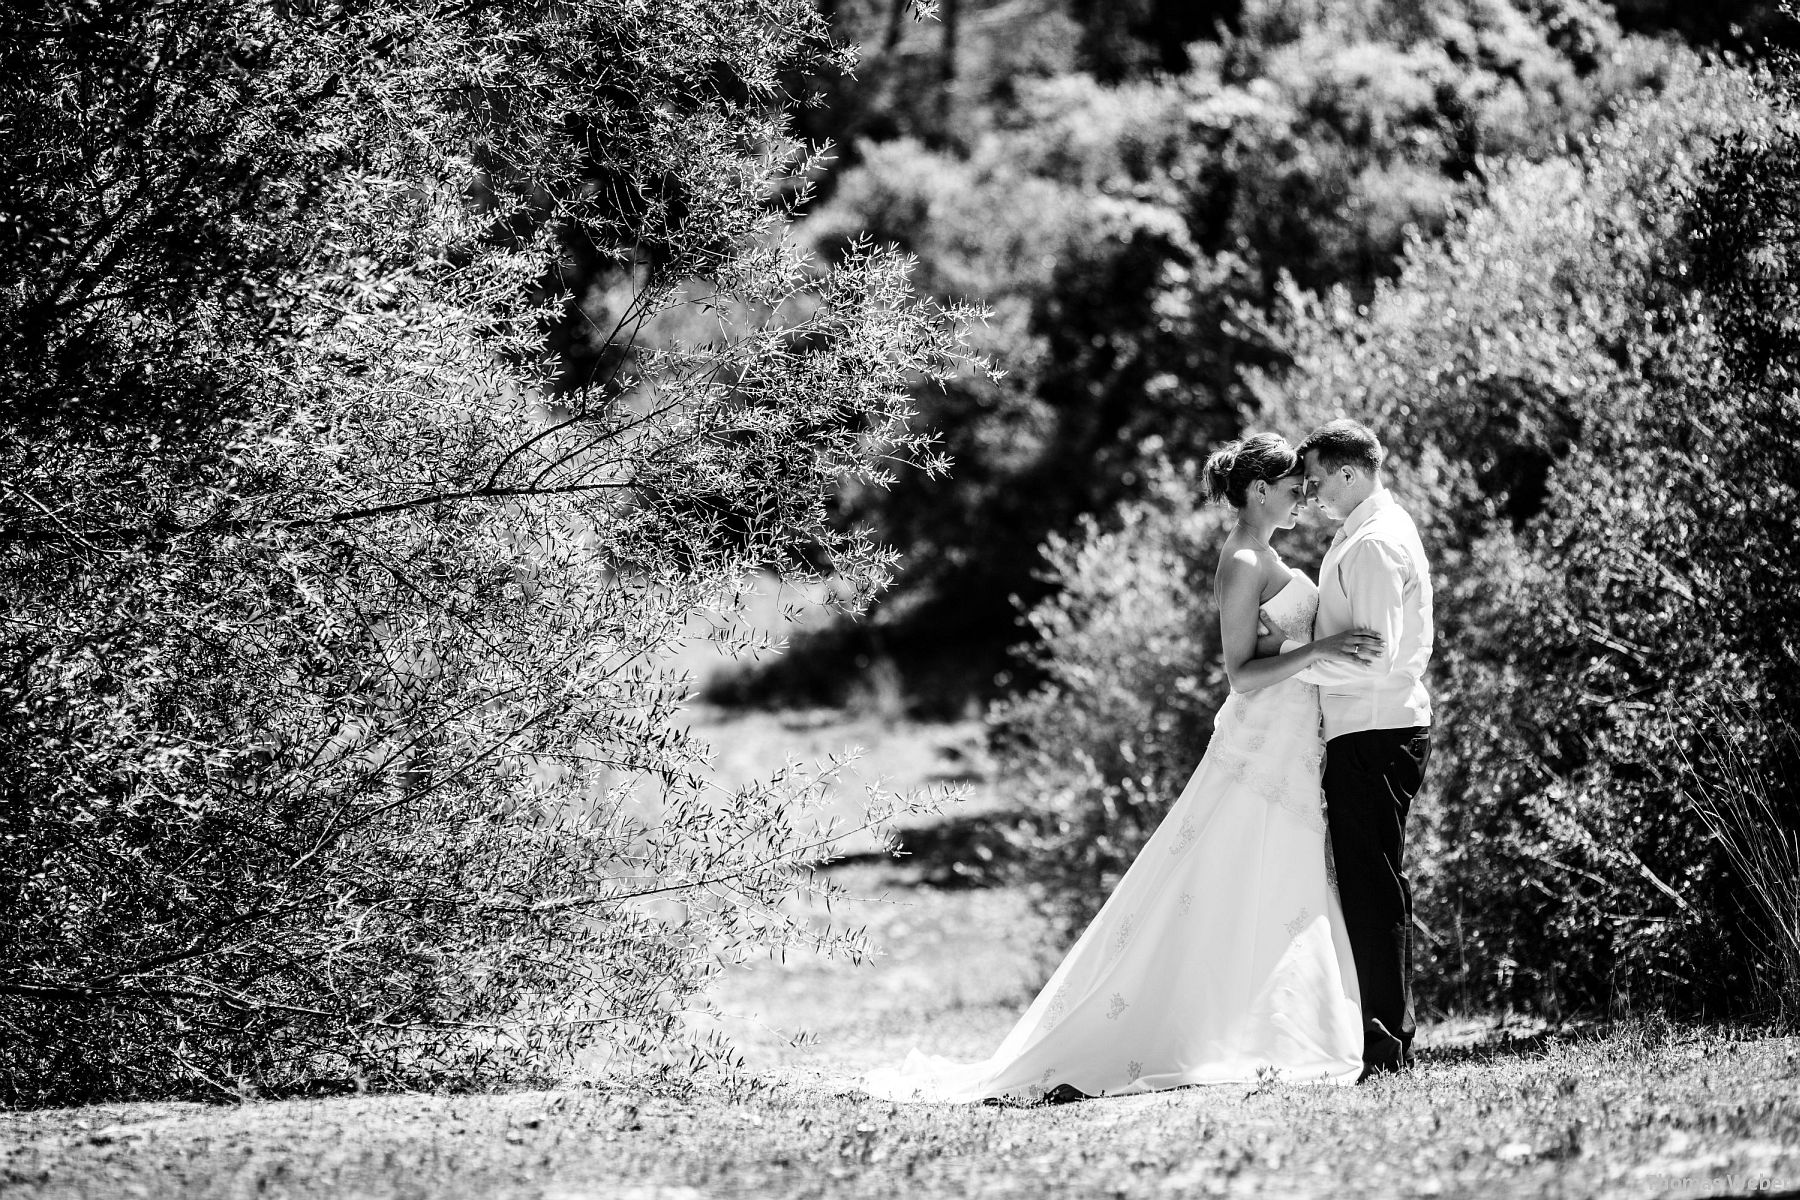 Hochzeitsfotograf Thomas Weber aus Oldenburg: Hochzeitsfotos und Paarfotos auf Mallorca (3)